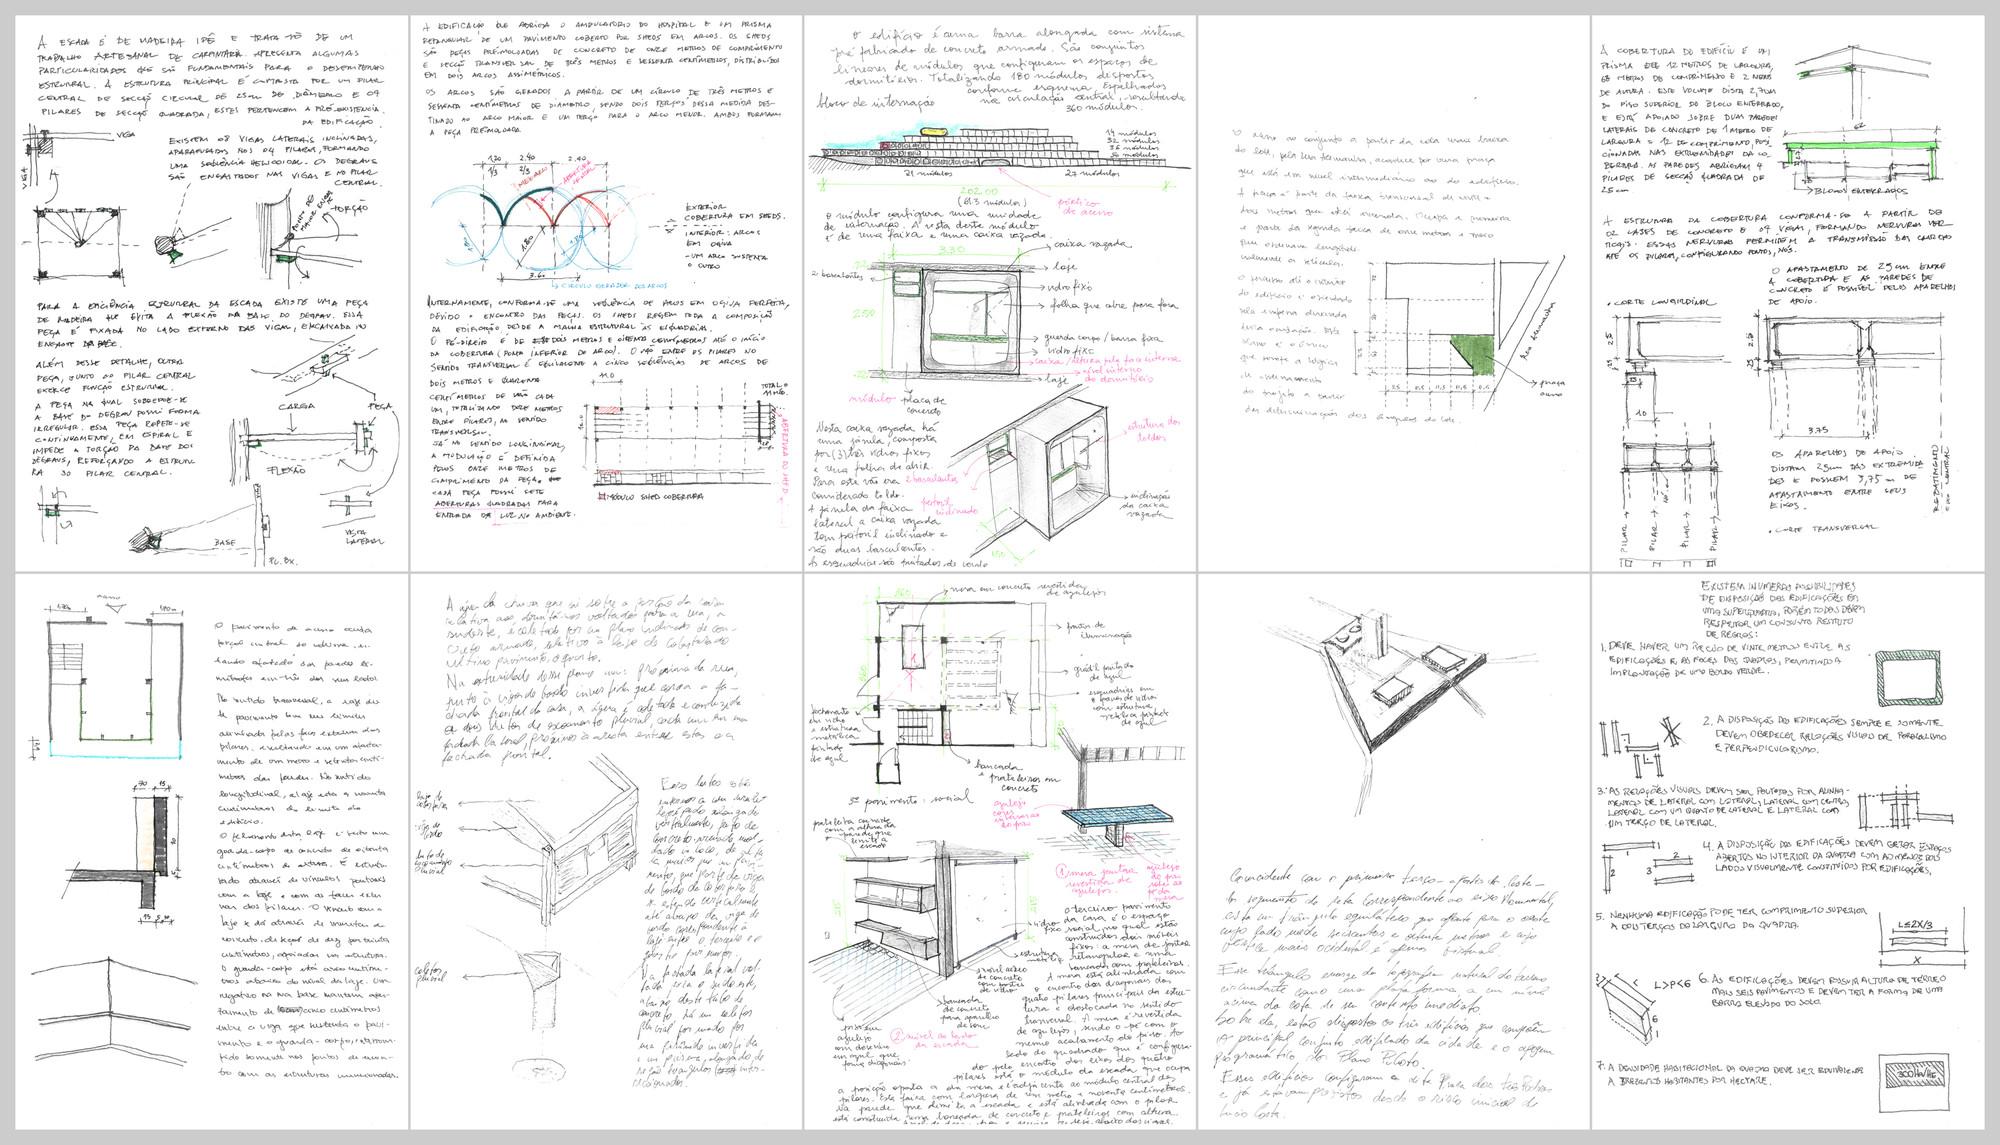 Galeria De Observacao Desenho E Descricao Parte 2 28